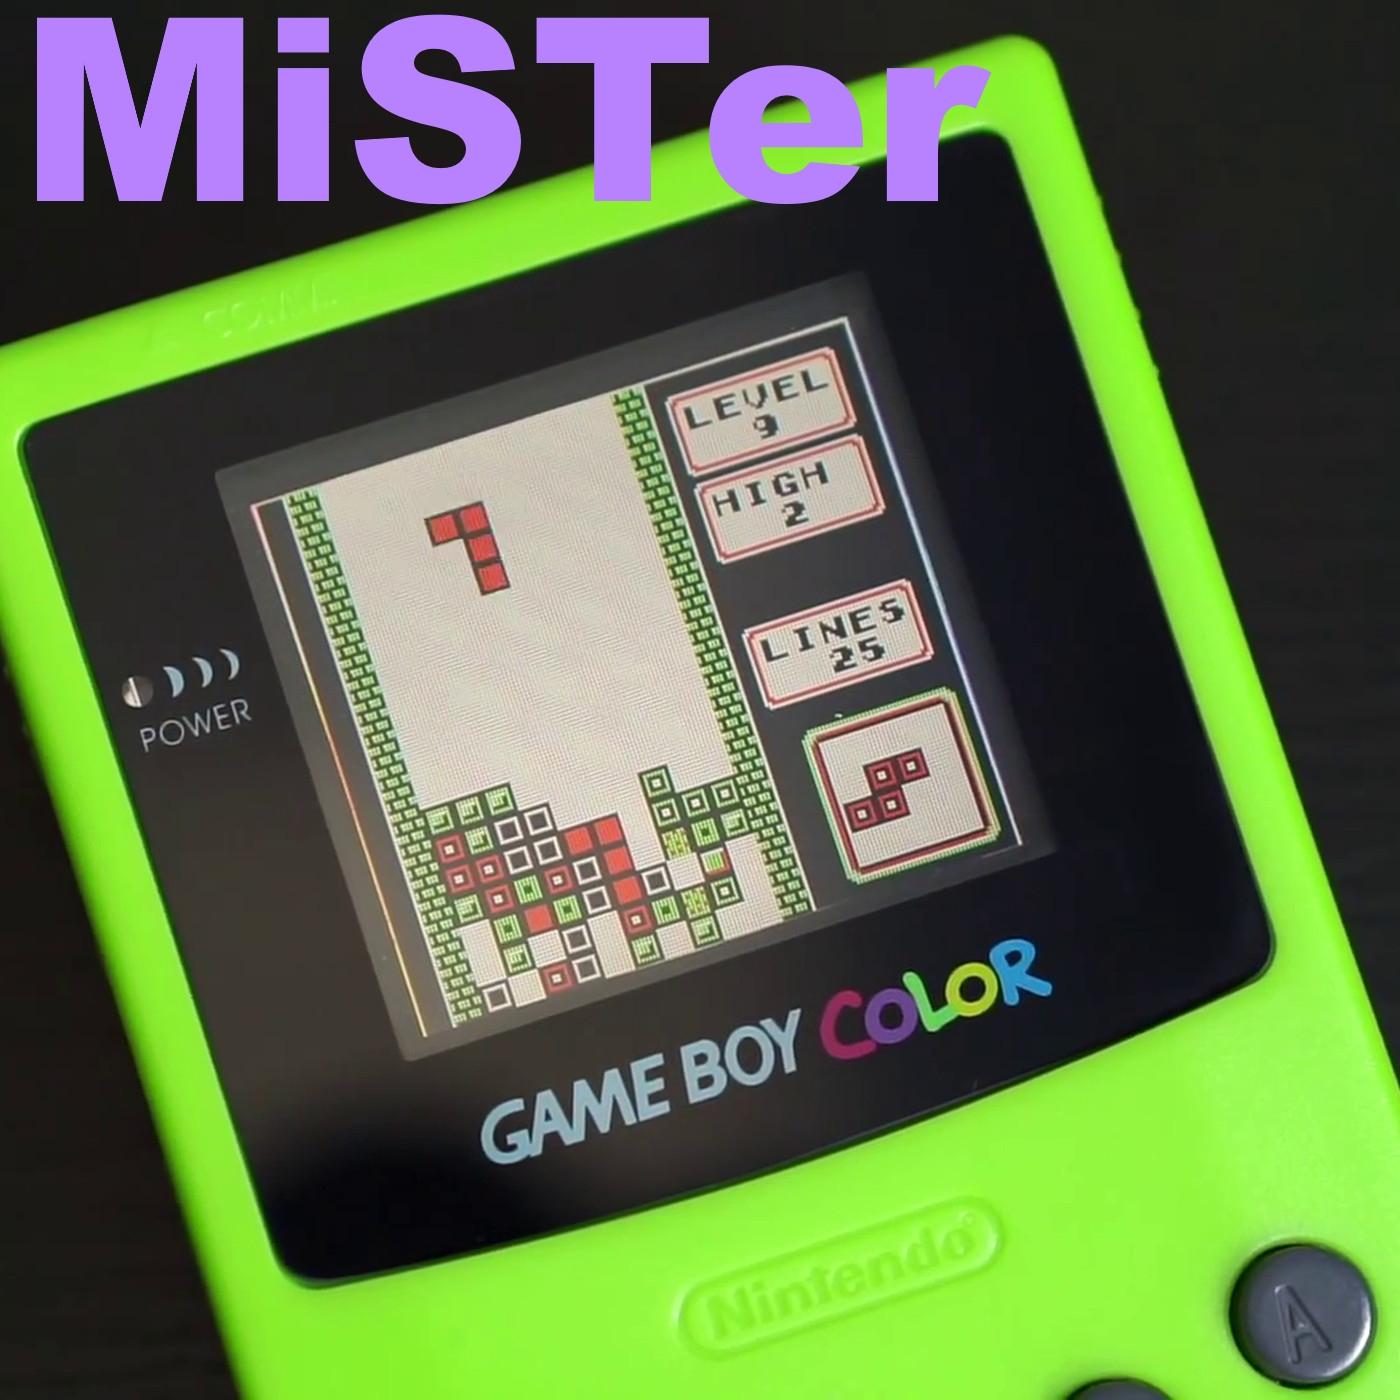 MiSTer gets Game Boy Color Support